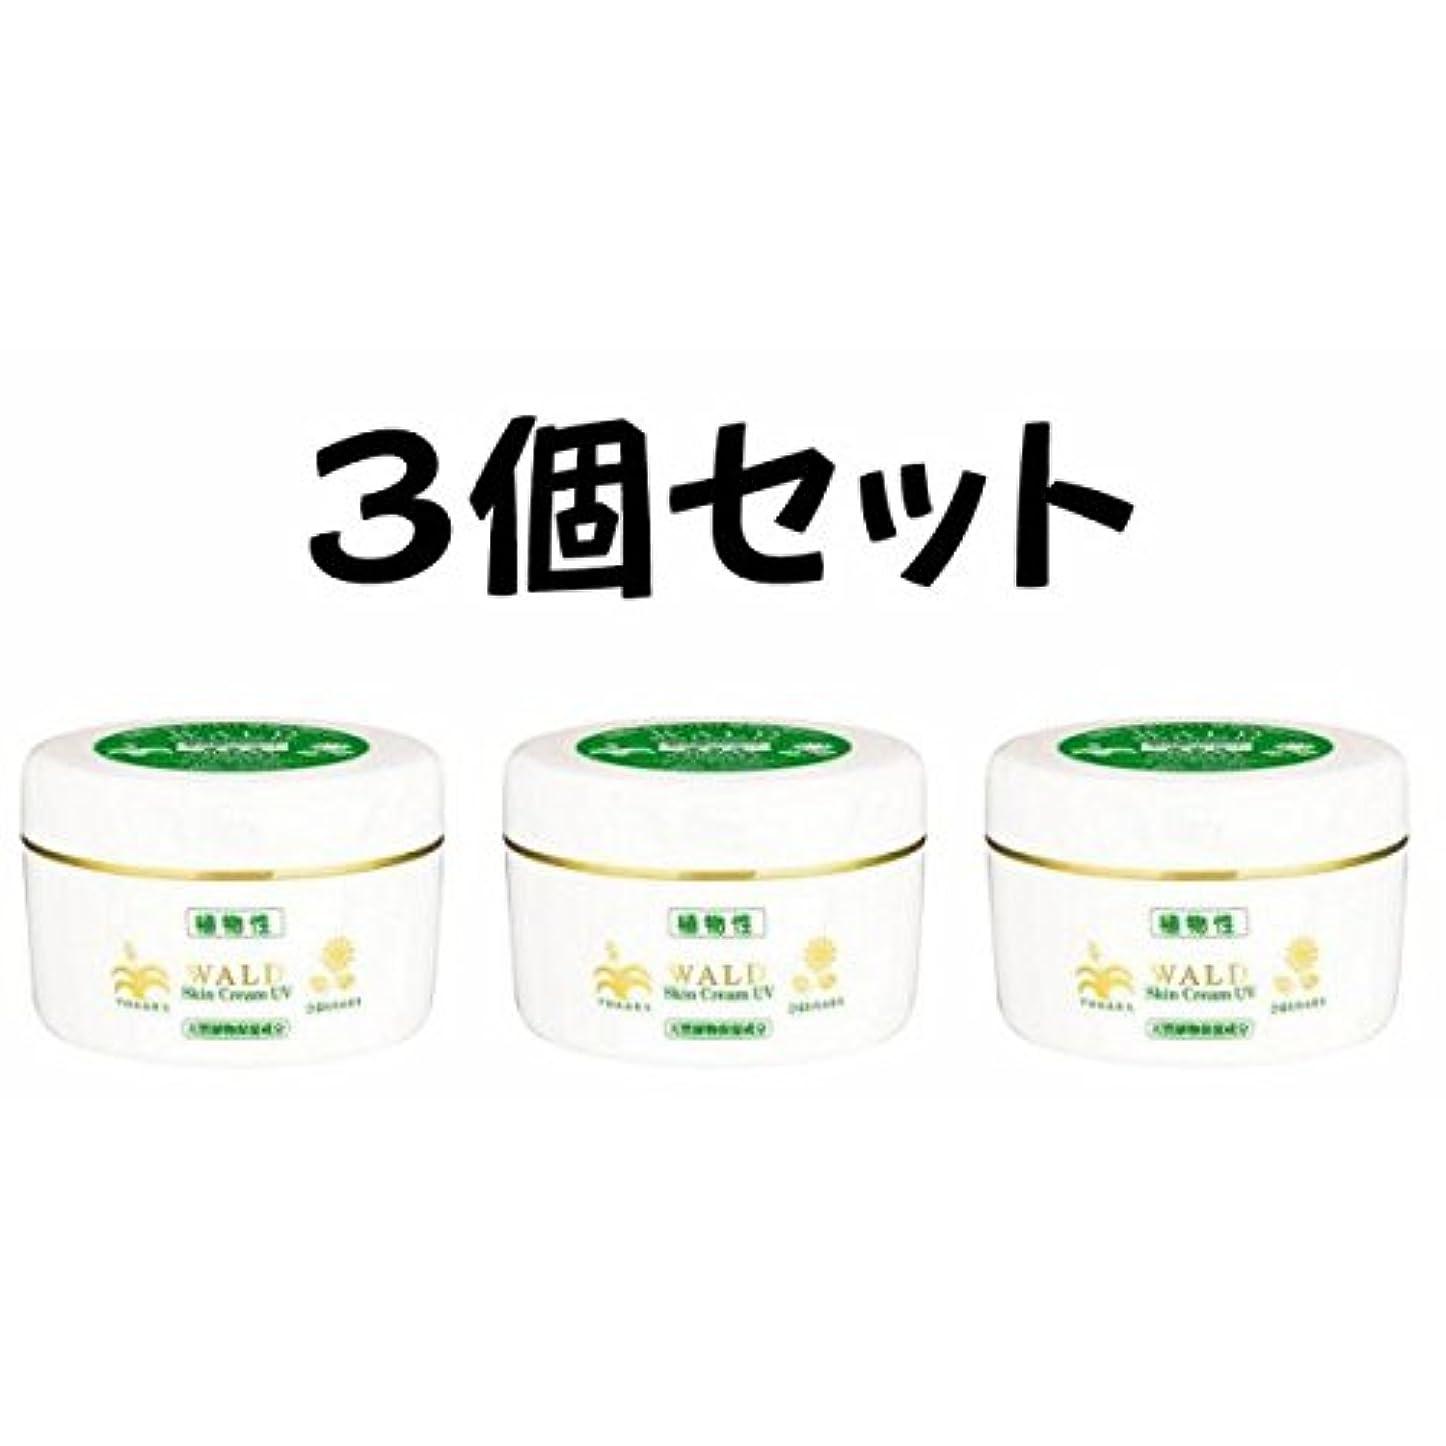 証明する慢性的トレーニング新 ヴァルトスキンクリーム UV (WALD Skin Cream UV) 220g (3)